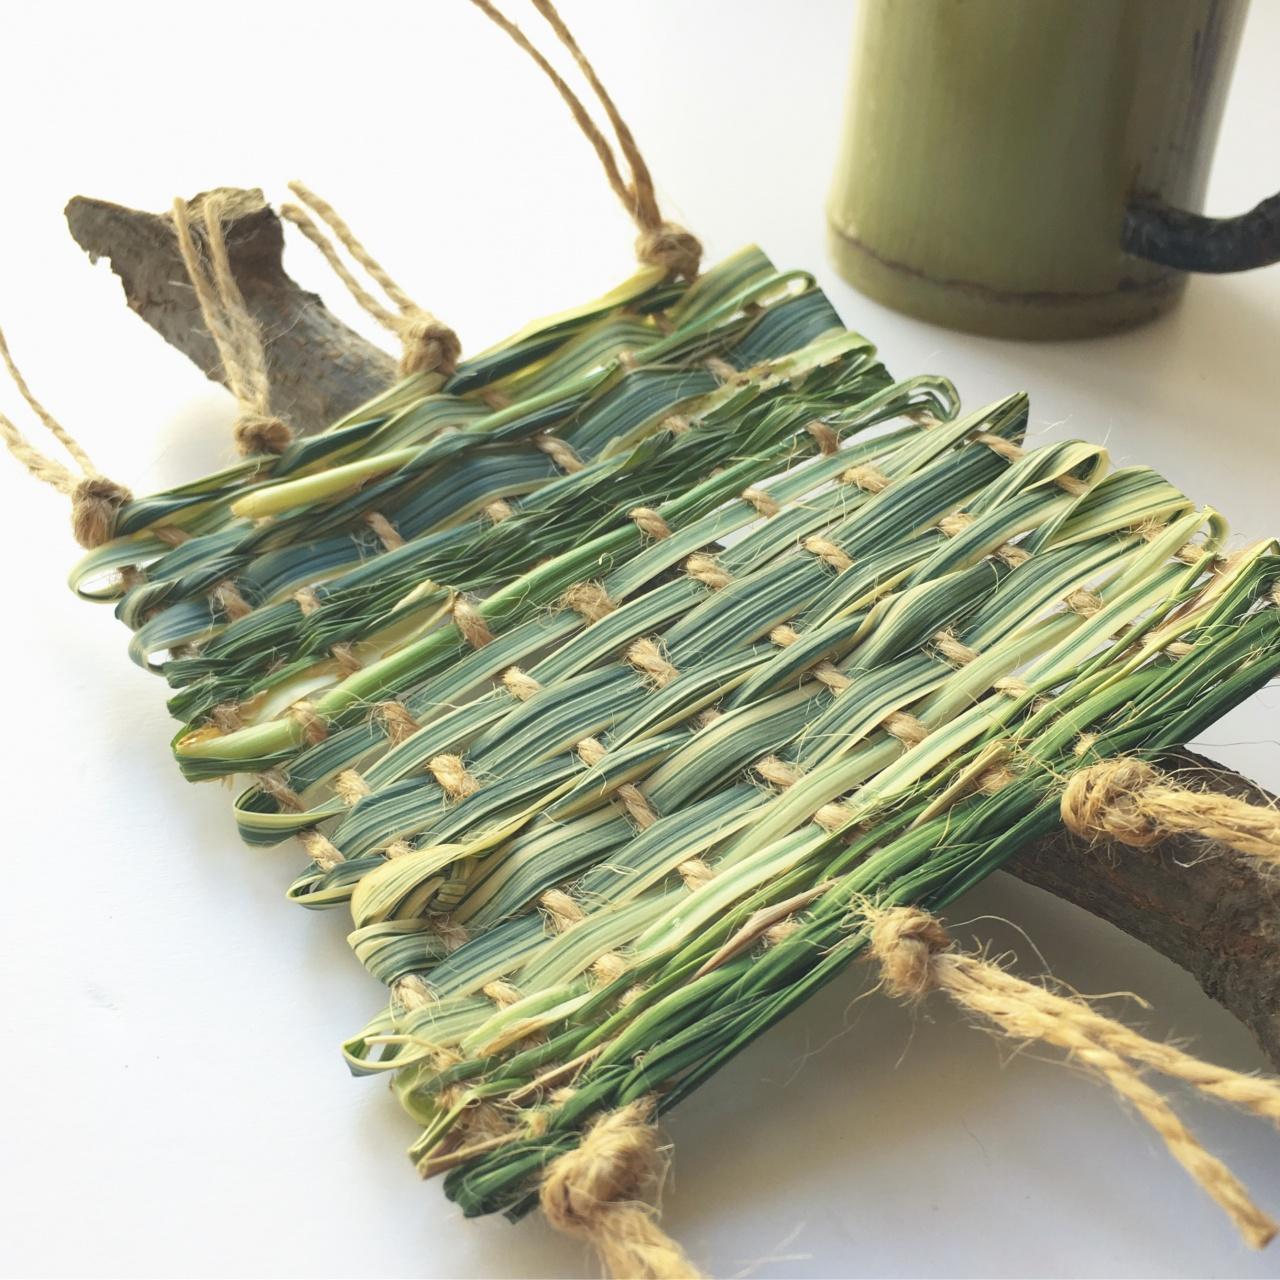 用蘆葦來編織,可織出杯墊、帽,甚至不漏水都屋頂。(受訪者提供)